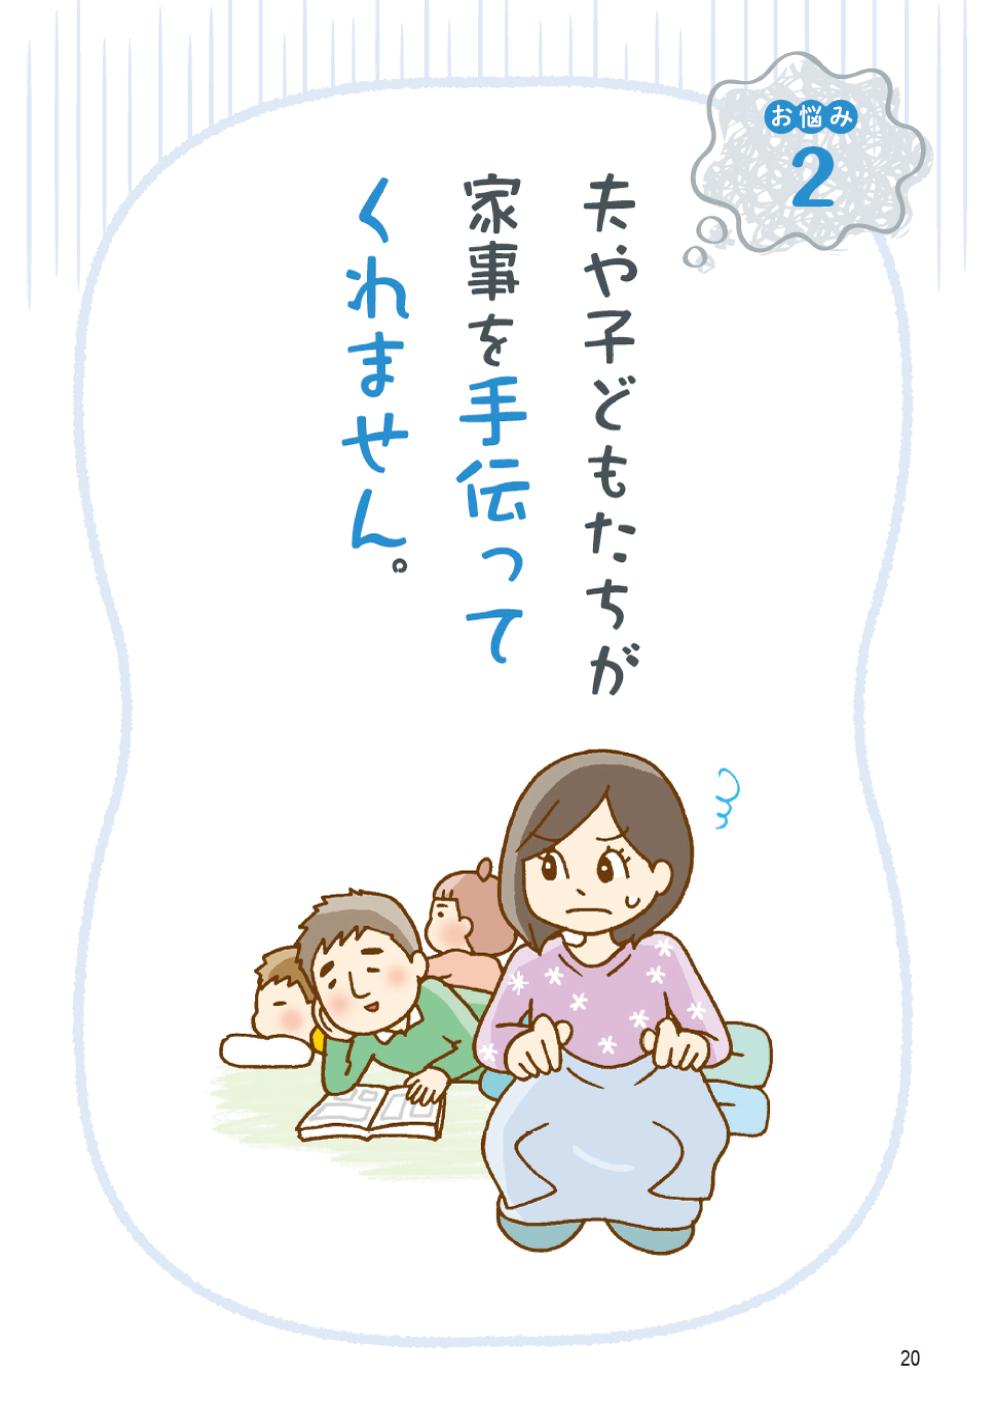 【家事】あな吉さんの家事をやめても愛されるズボラ主婦革命の画像8